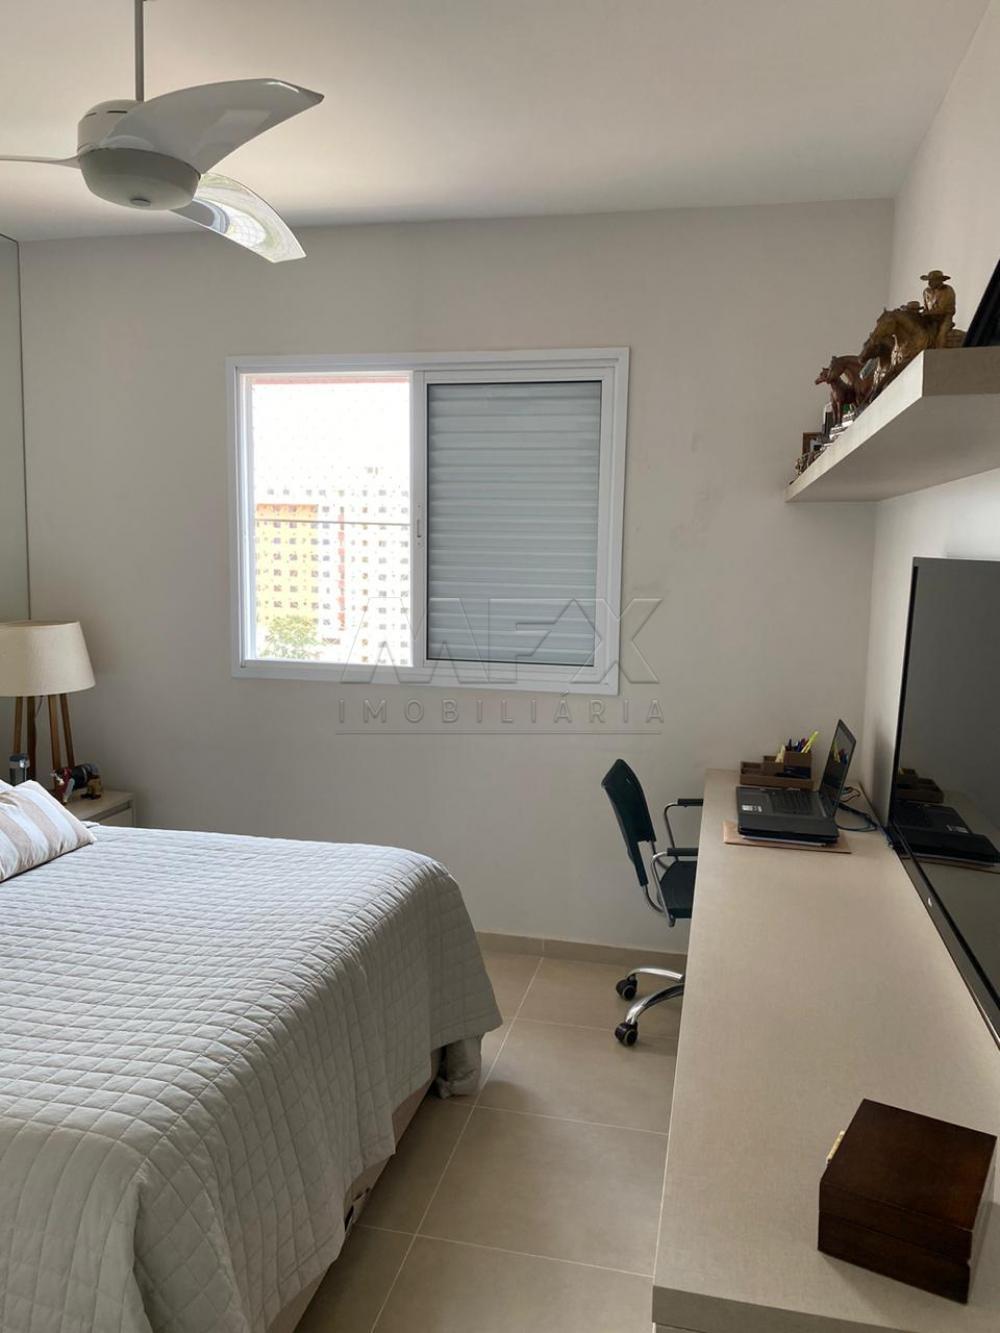 Comprar Apartamento / Padrão em Bauru R$ 790.000,00 - Foto 5